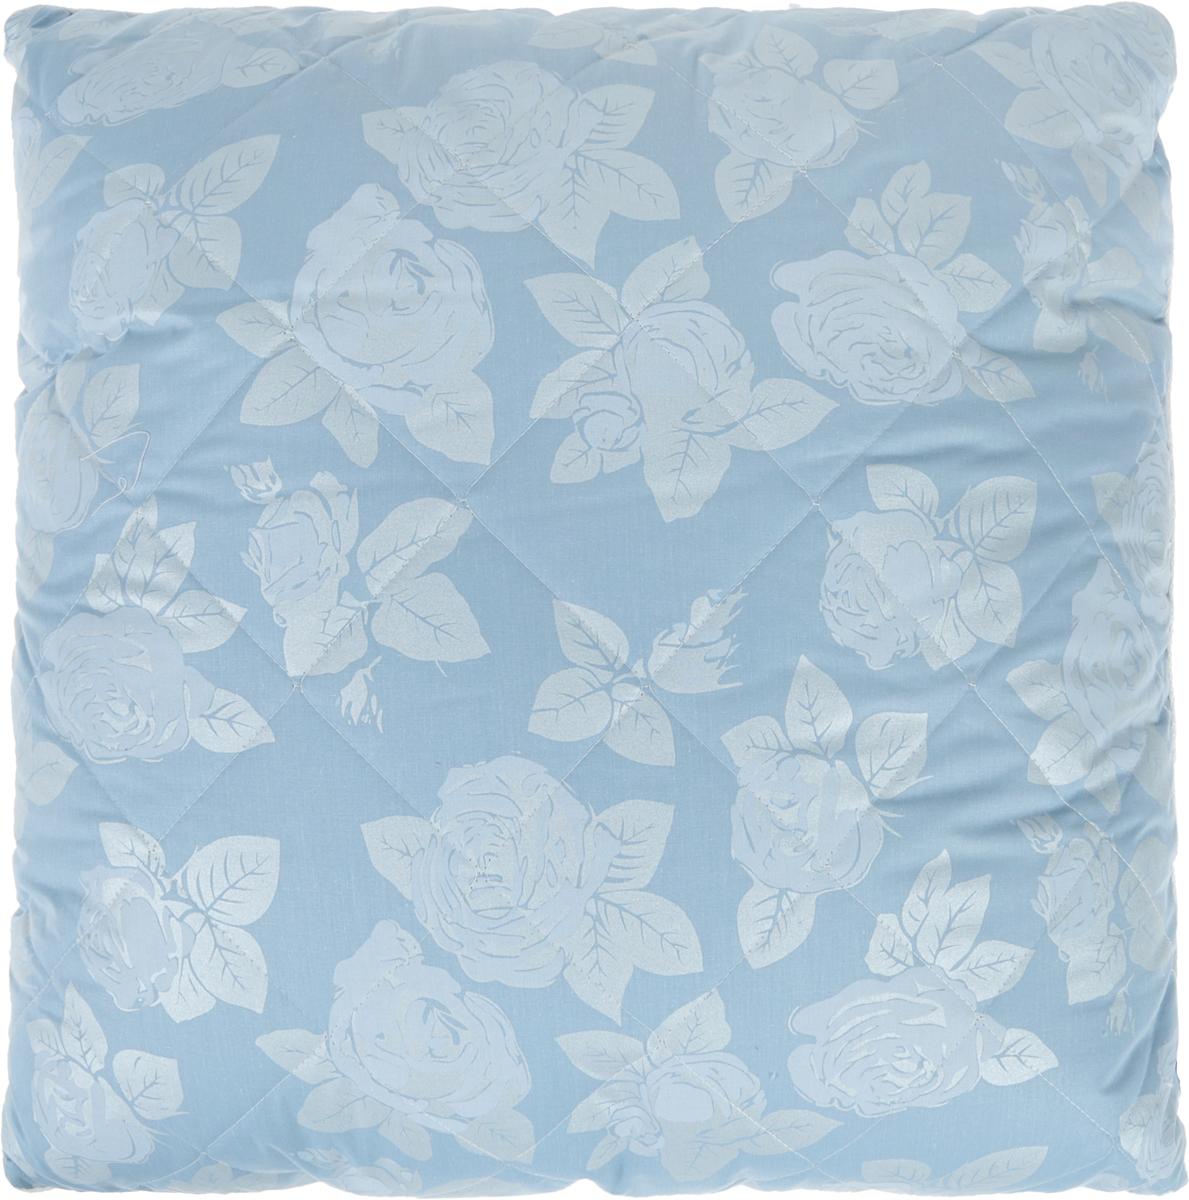 Подушка Bio-Teхtiles Очарование, наполнитель: искусственный лебяжий пух, цвет: голубой, 70 х 70 см